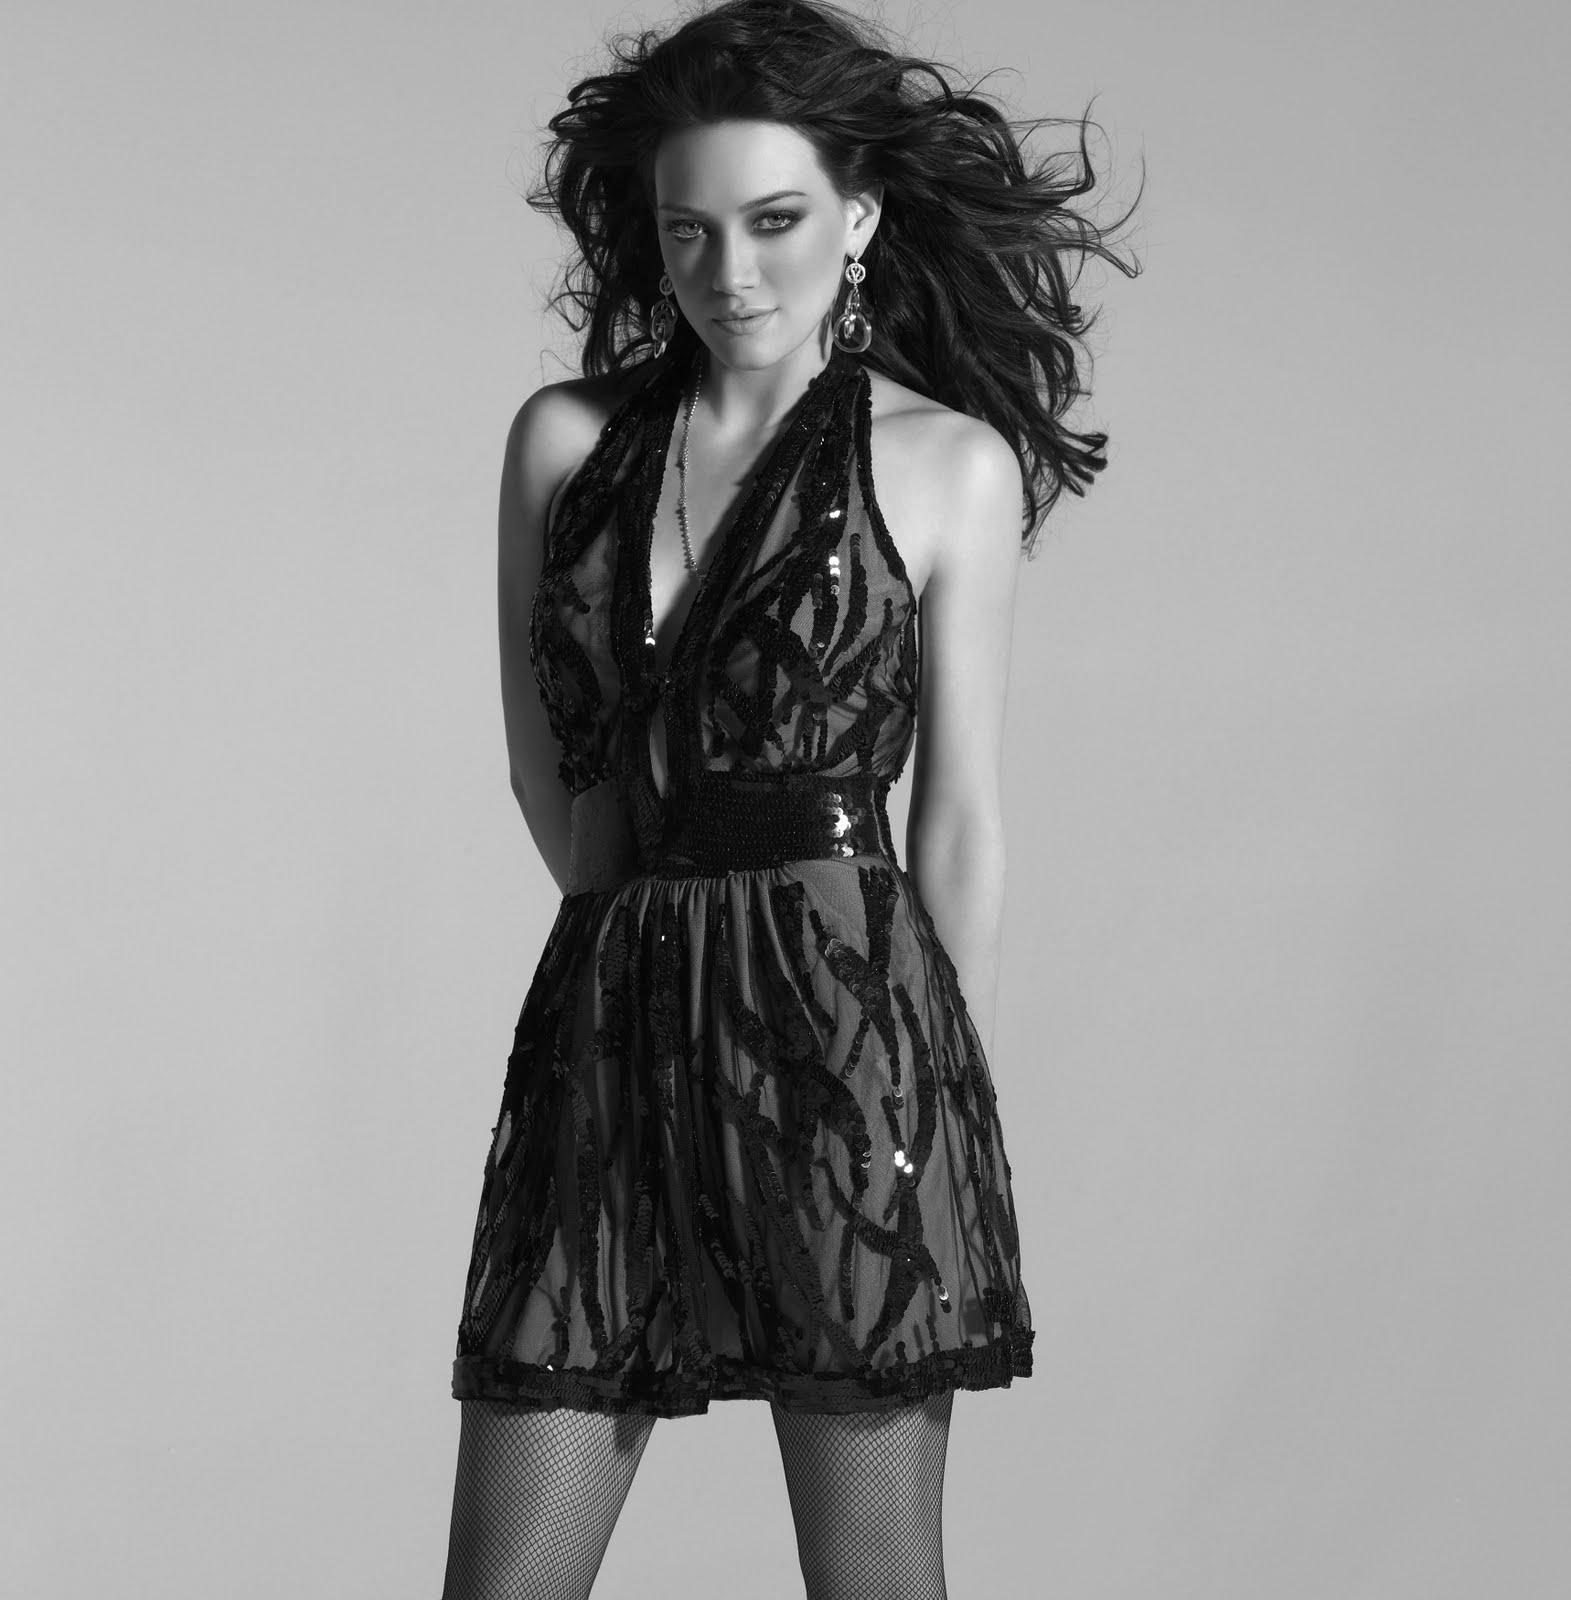 http://1.bp.blogspot.com/-9KWMoYhNpGE/TgK10q9aVQI/AAAAAAAAEXc/dNxXugkUGA4/s1600/HilaryDuff_Photoshoot.jpg